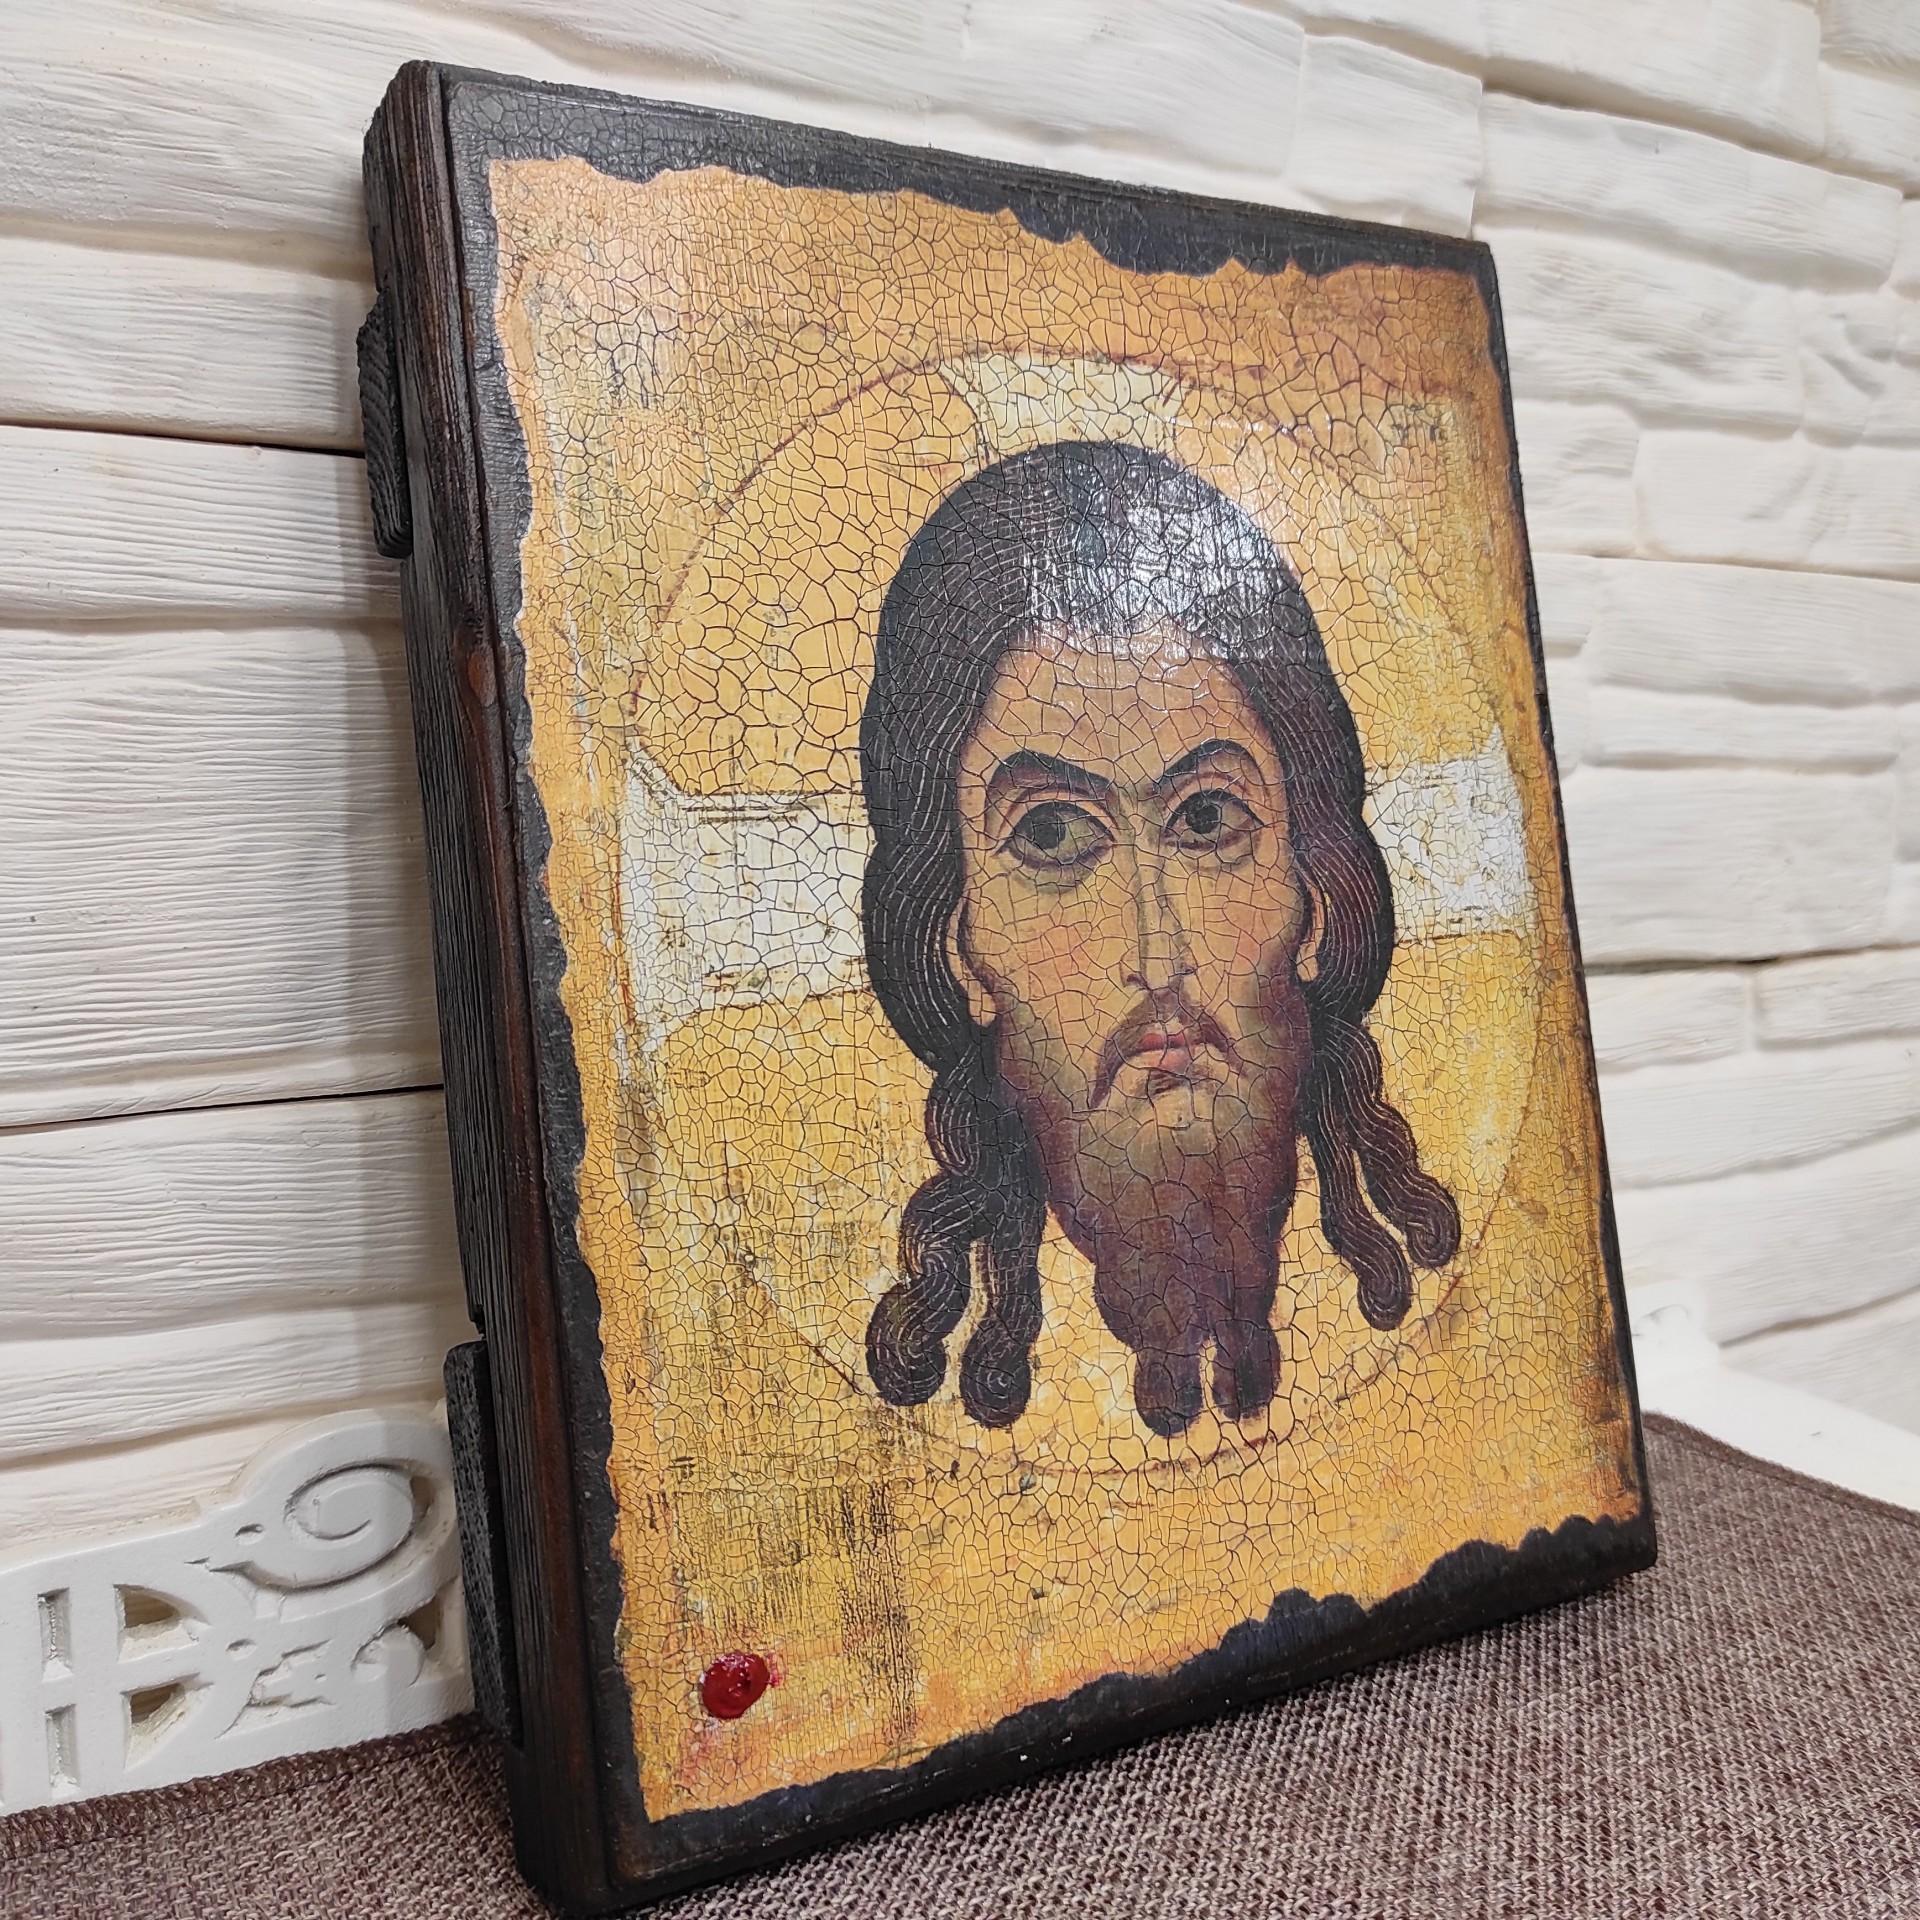 Фото сбоку Спас Нерукотворный икона под старину, массив сосны